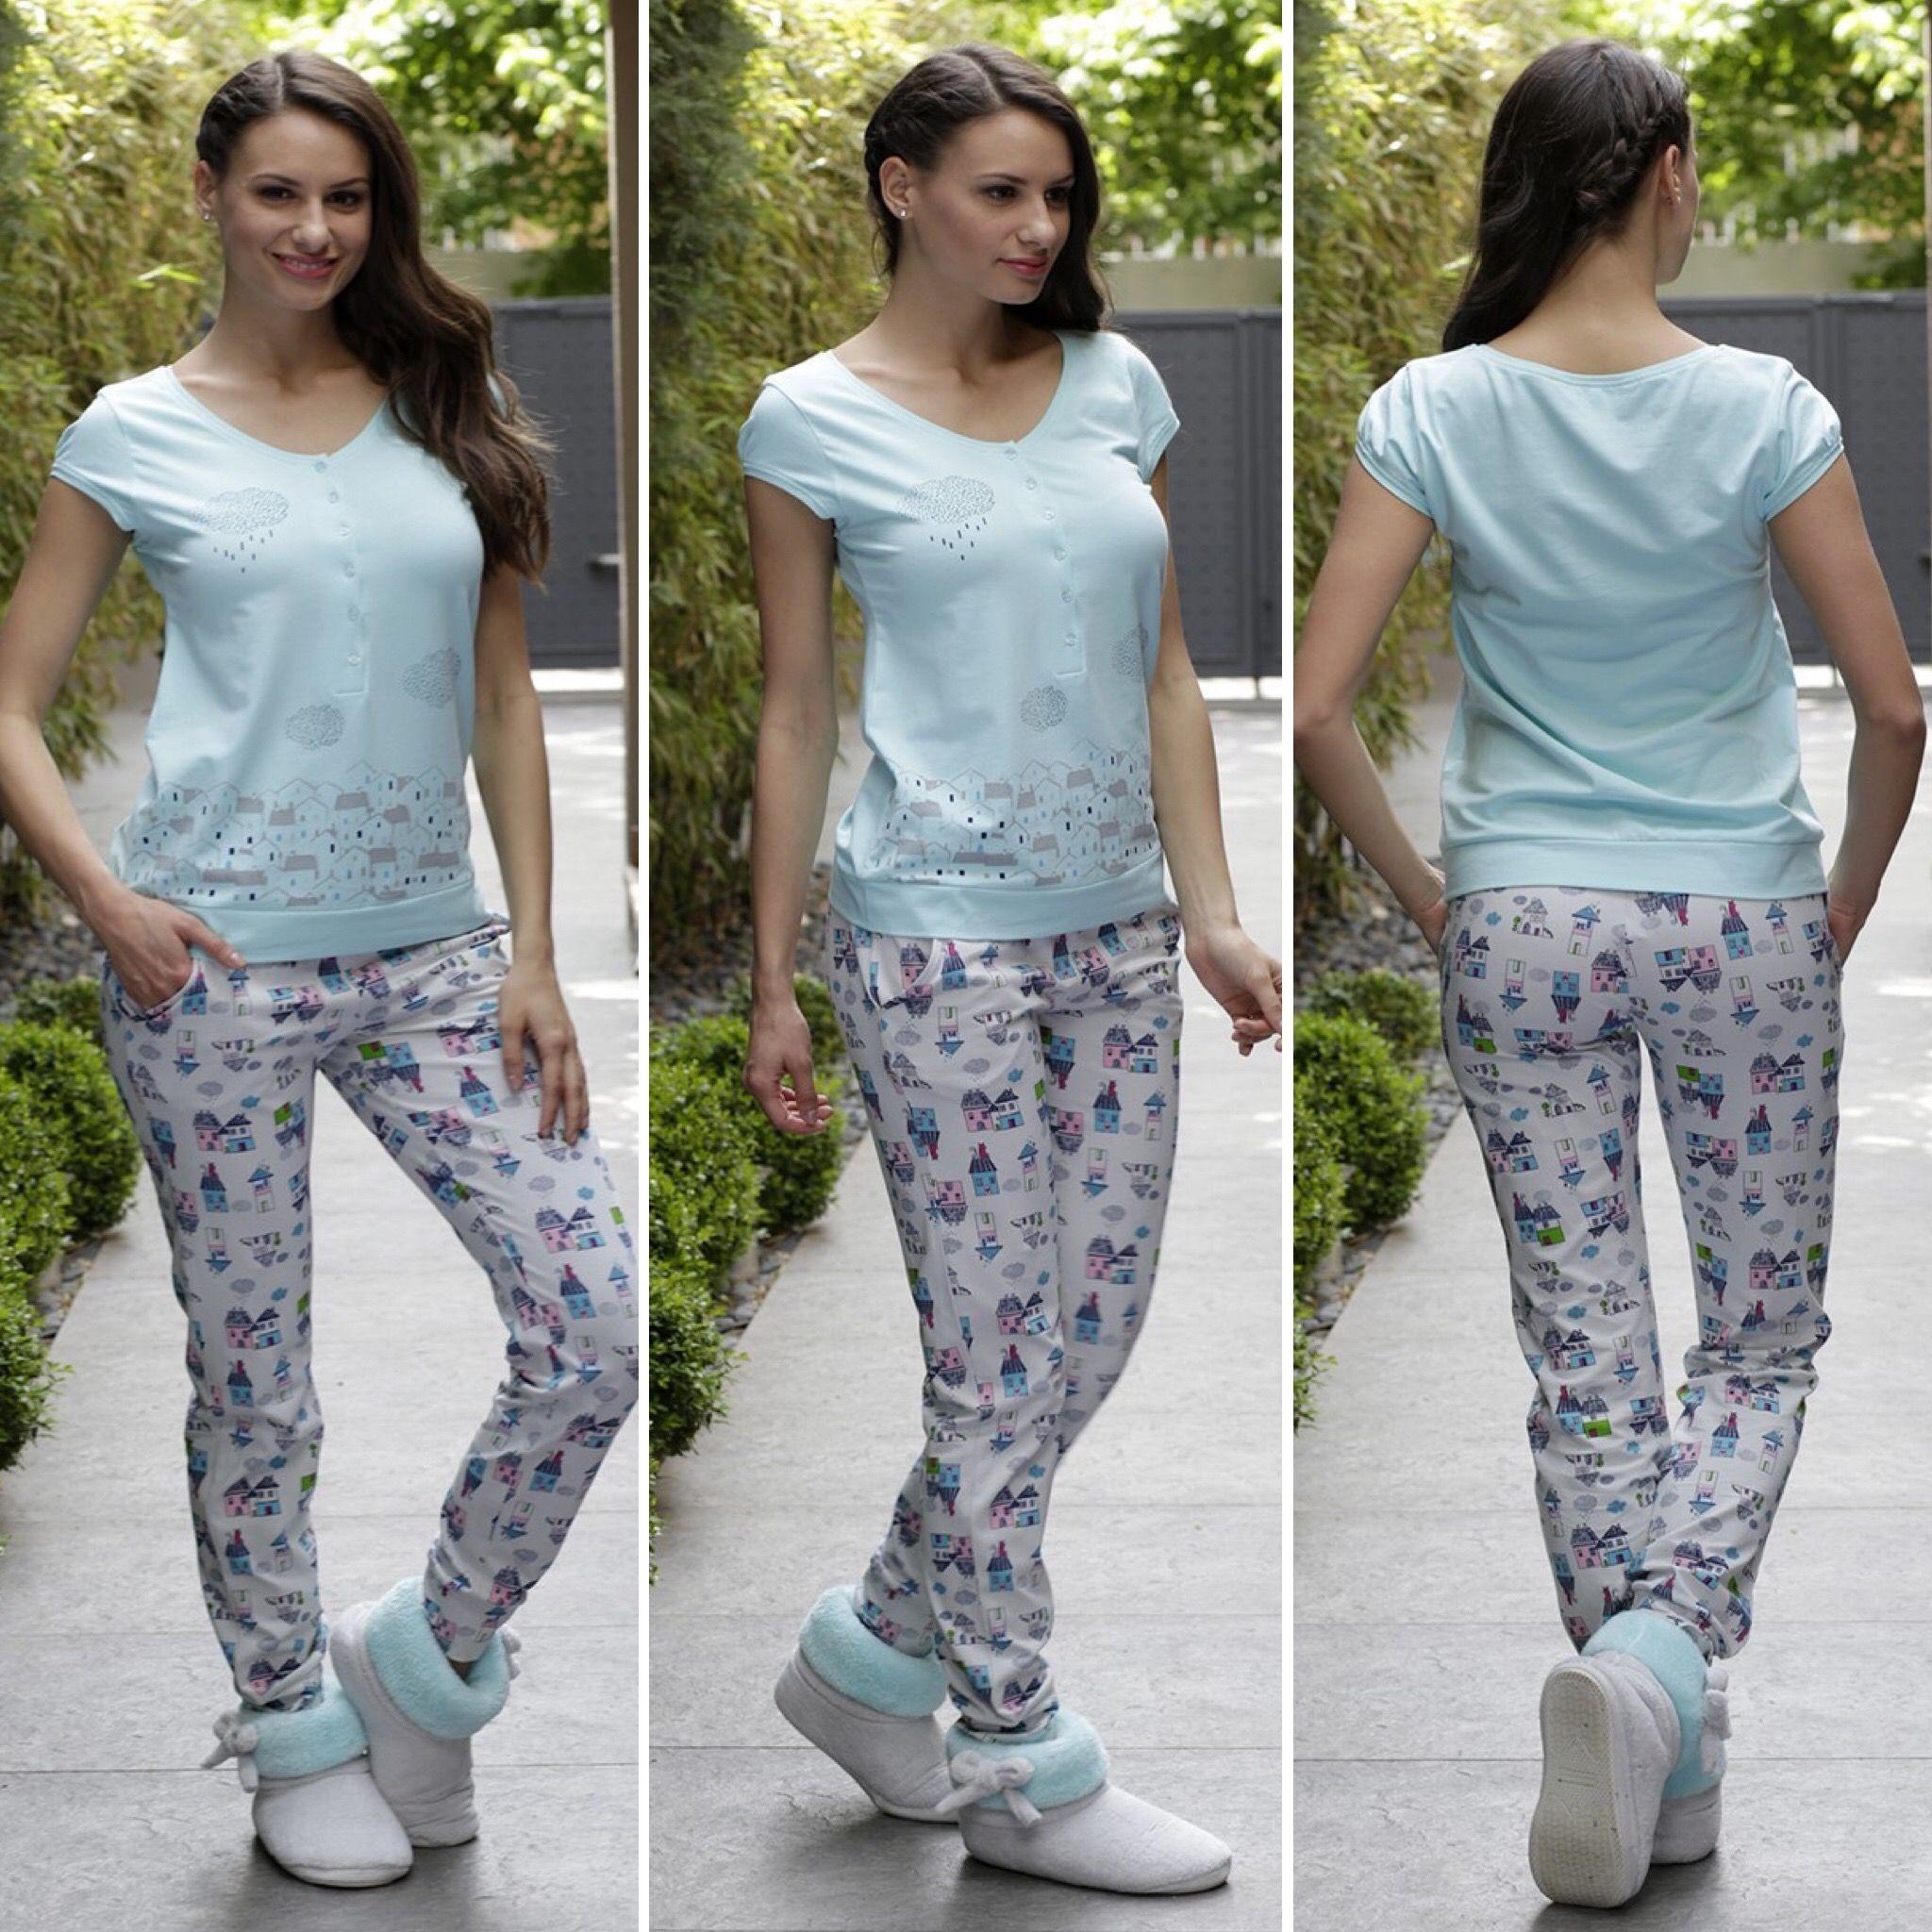 3073442acee64 Женская пижама Hays за 3590 руб. Купить можно здесь, просто пишите  комментарий к посту